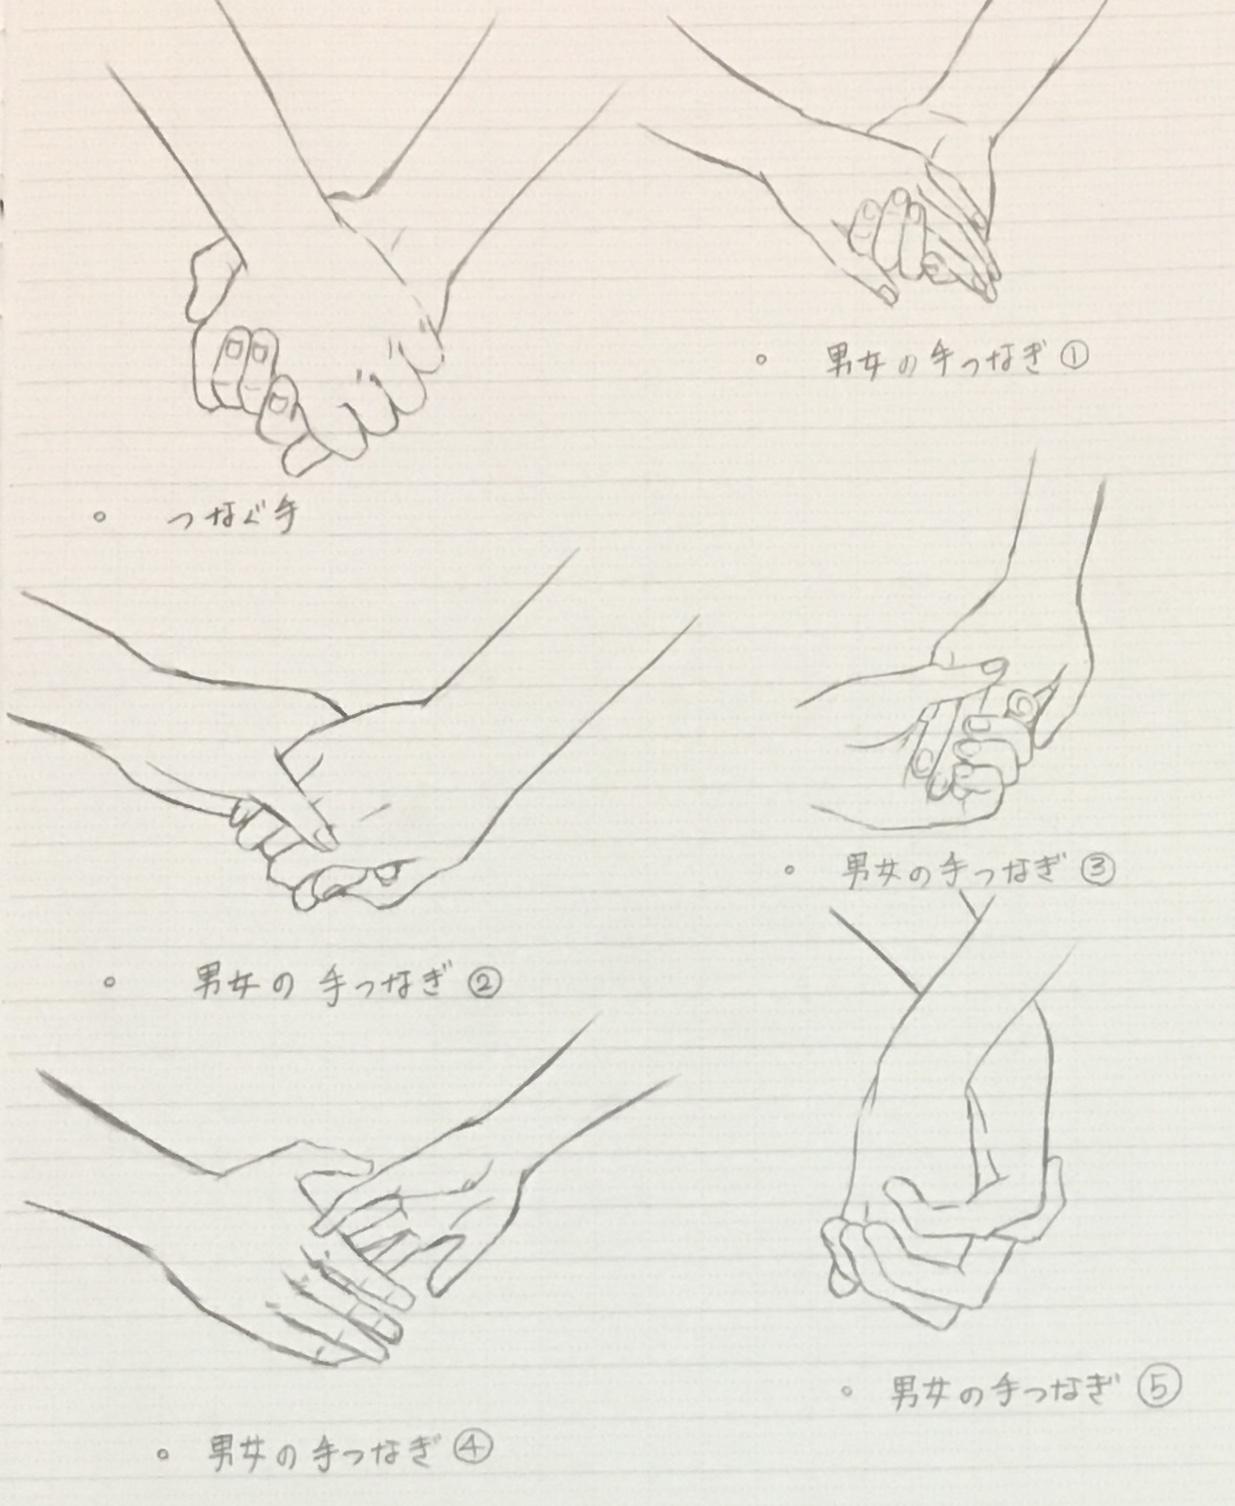 男女の手繋ぎ